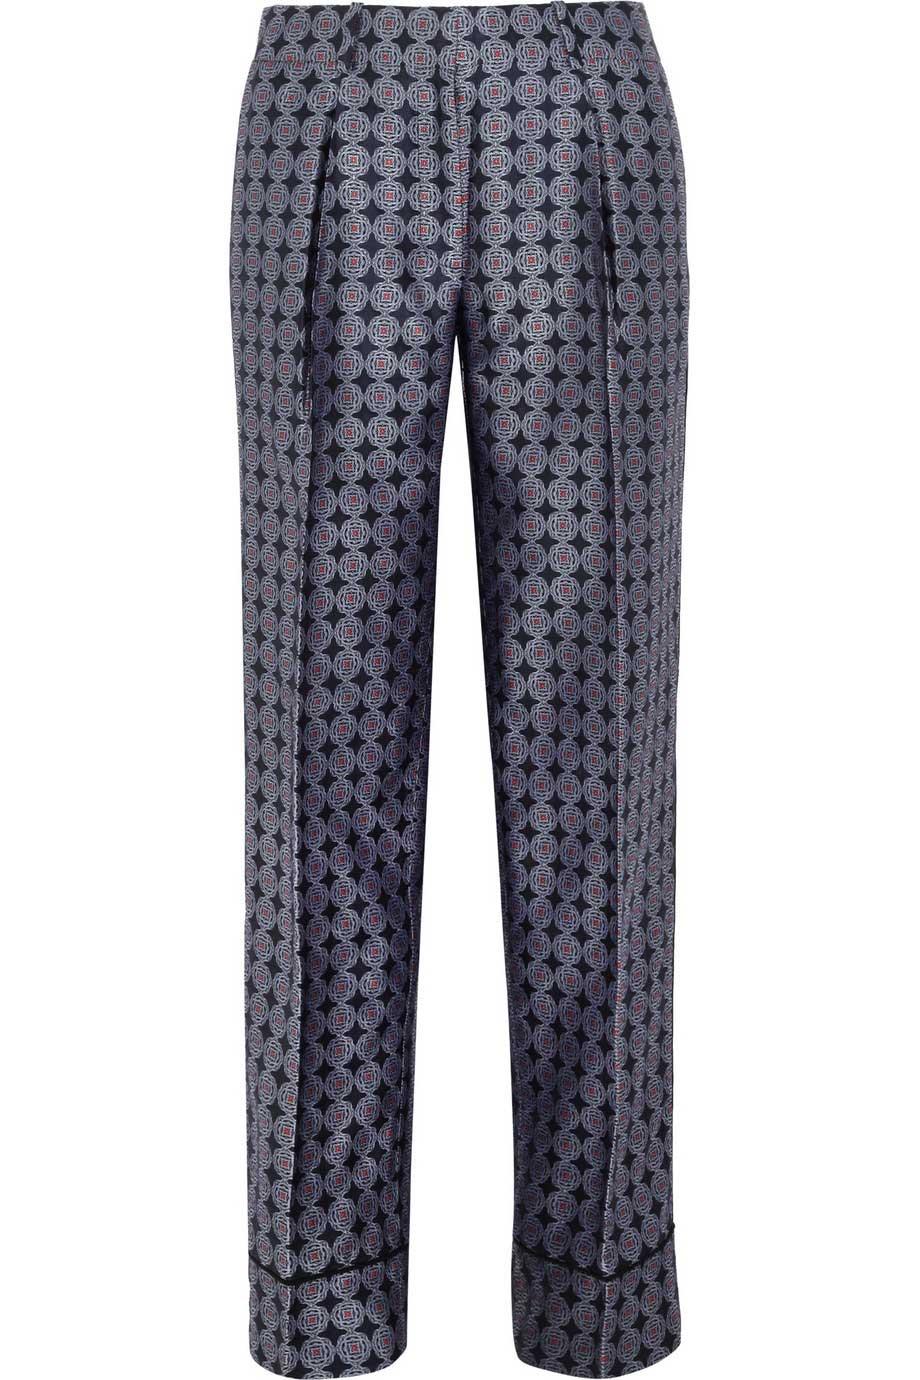 J.Crew - Pantalon(610 €)